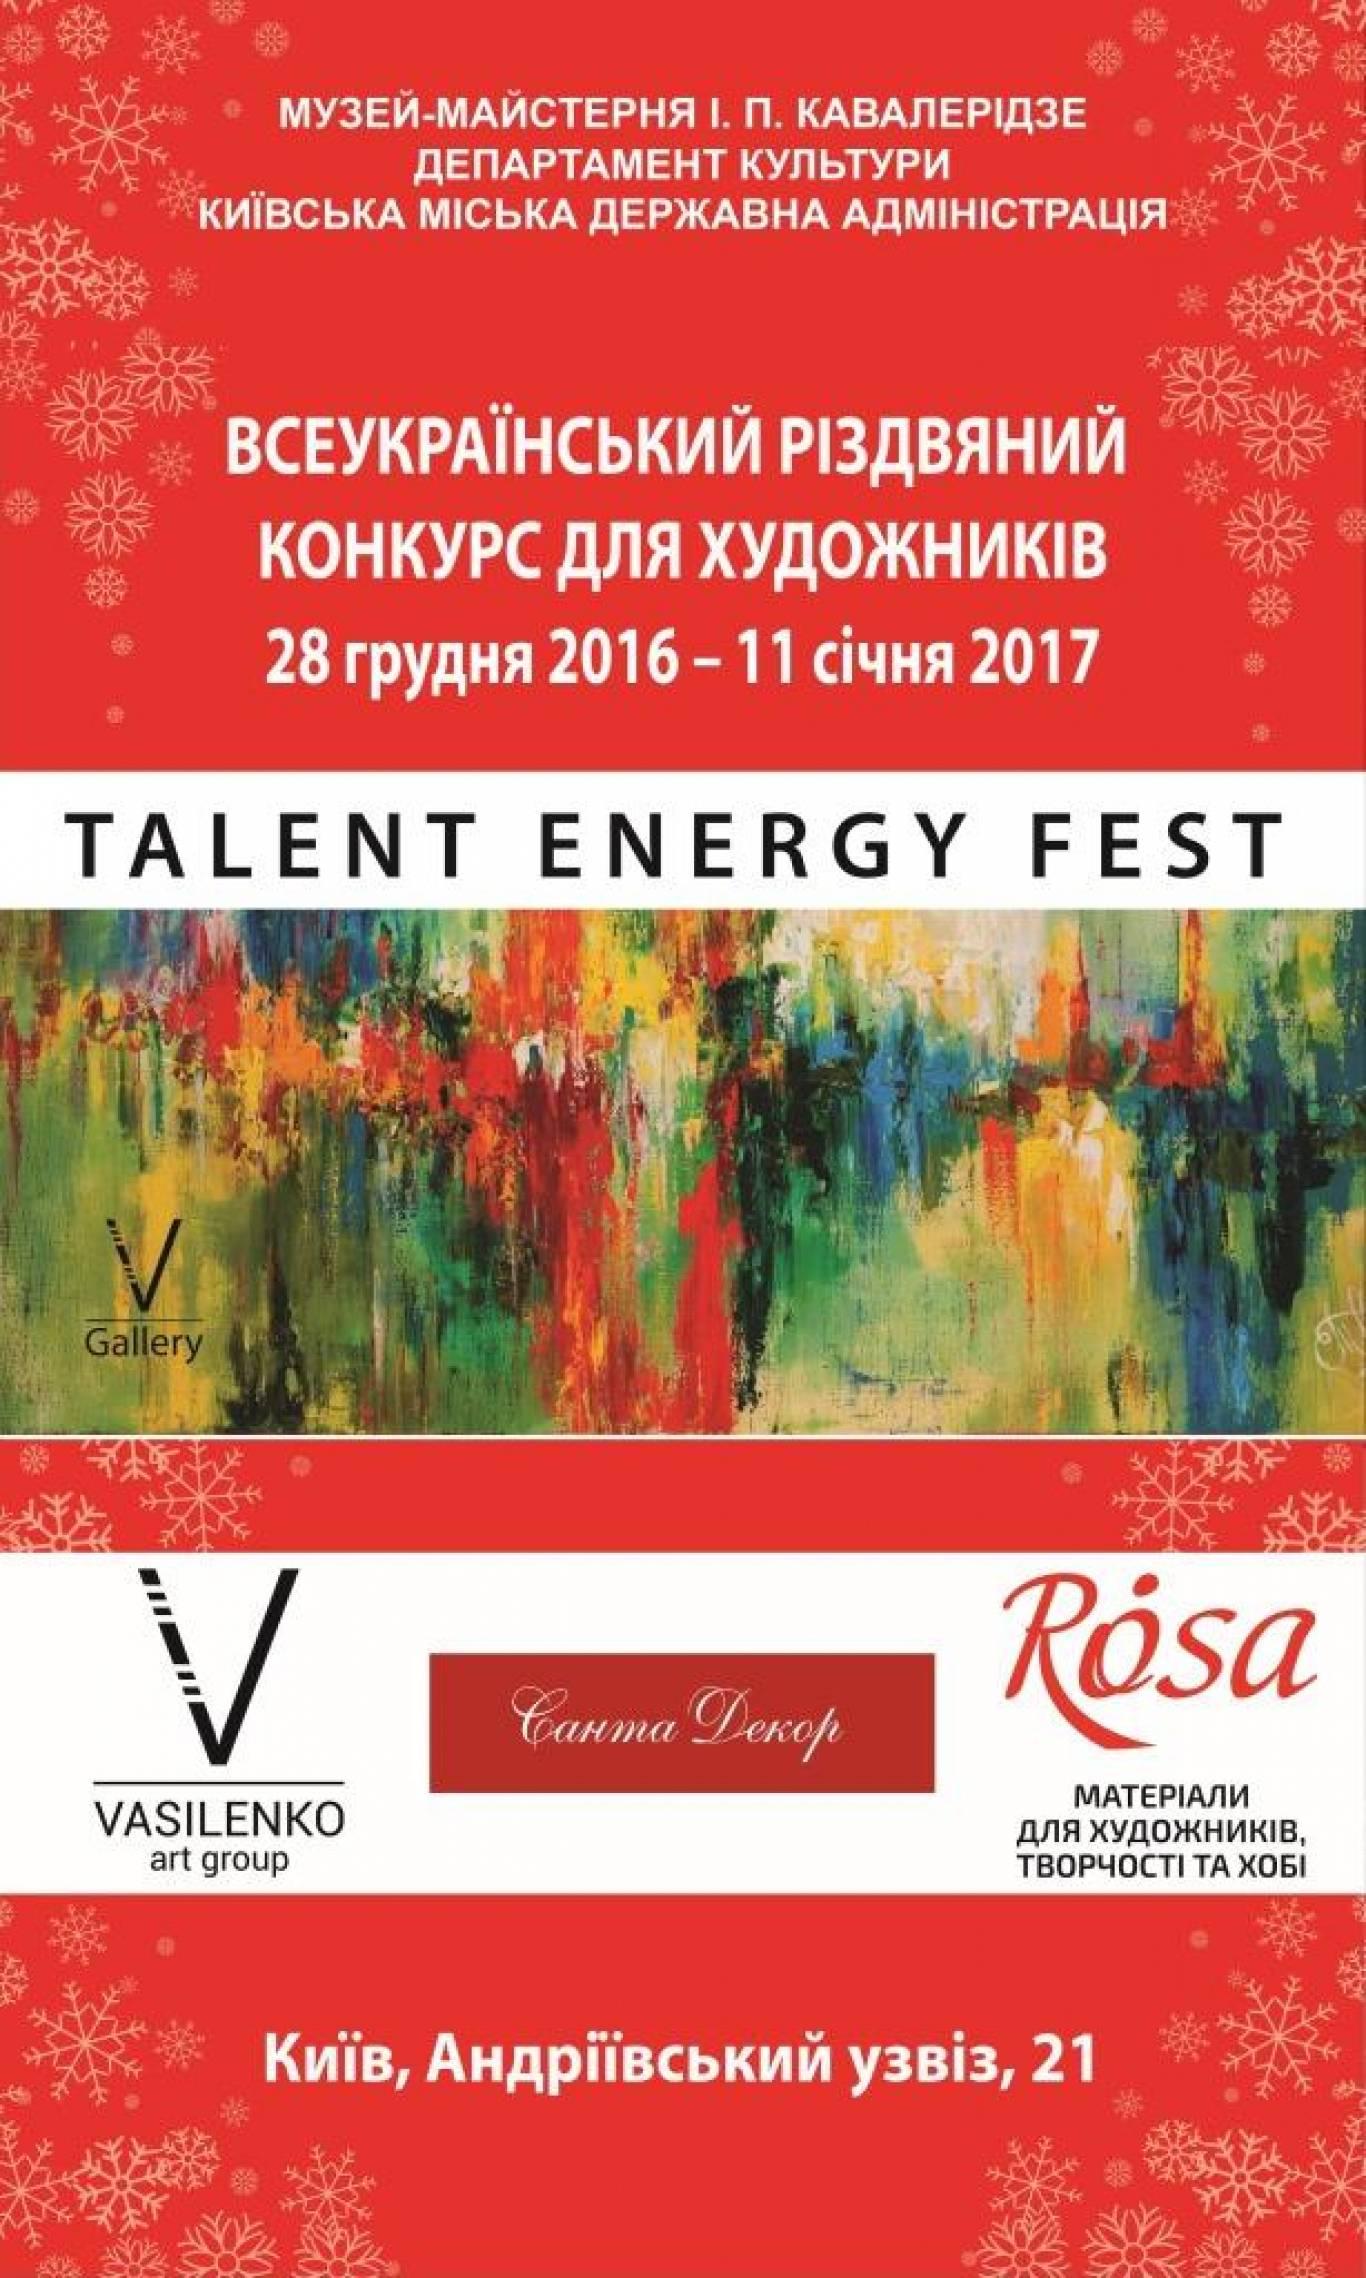 Всеукраинский рождественский конкурс для художников